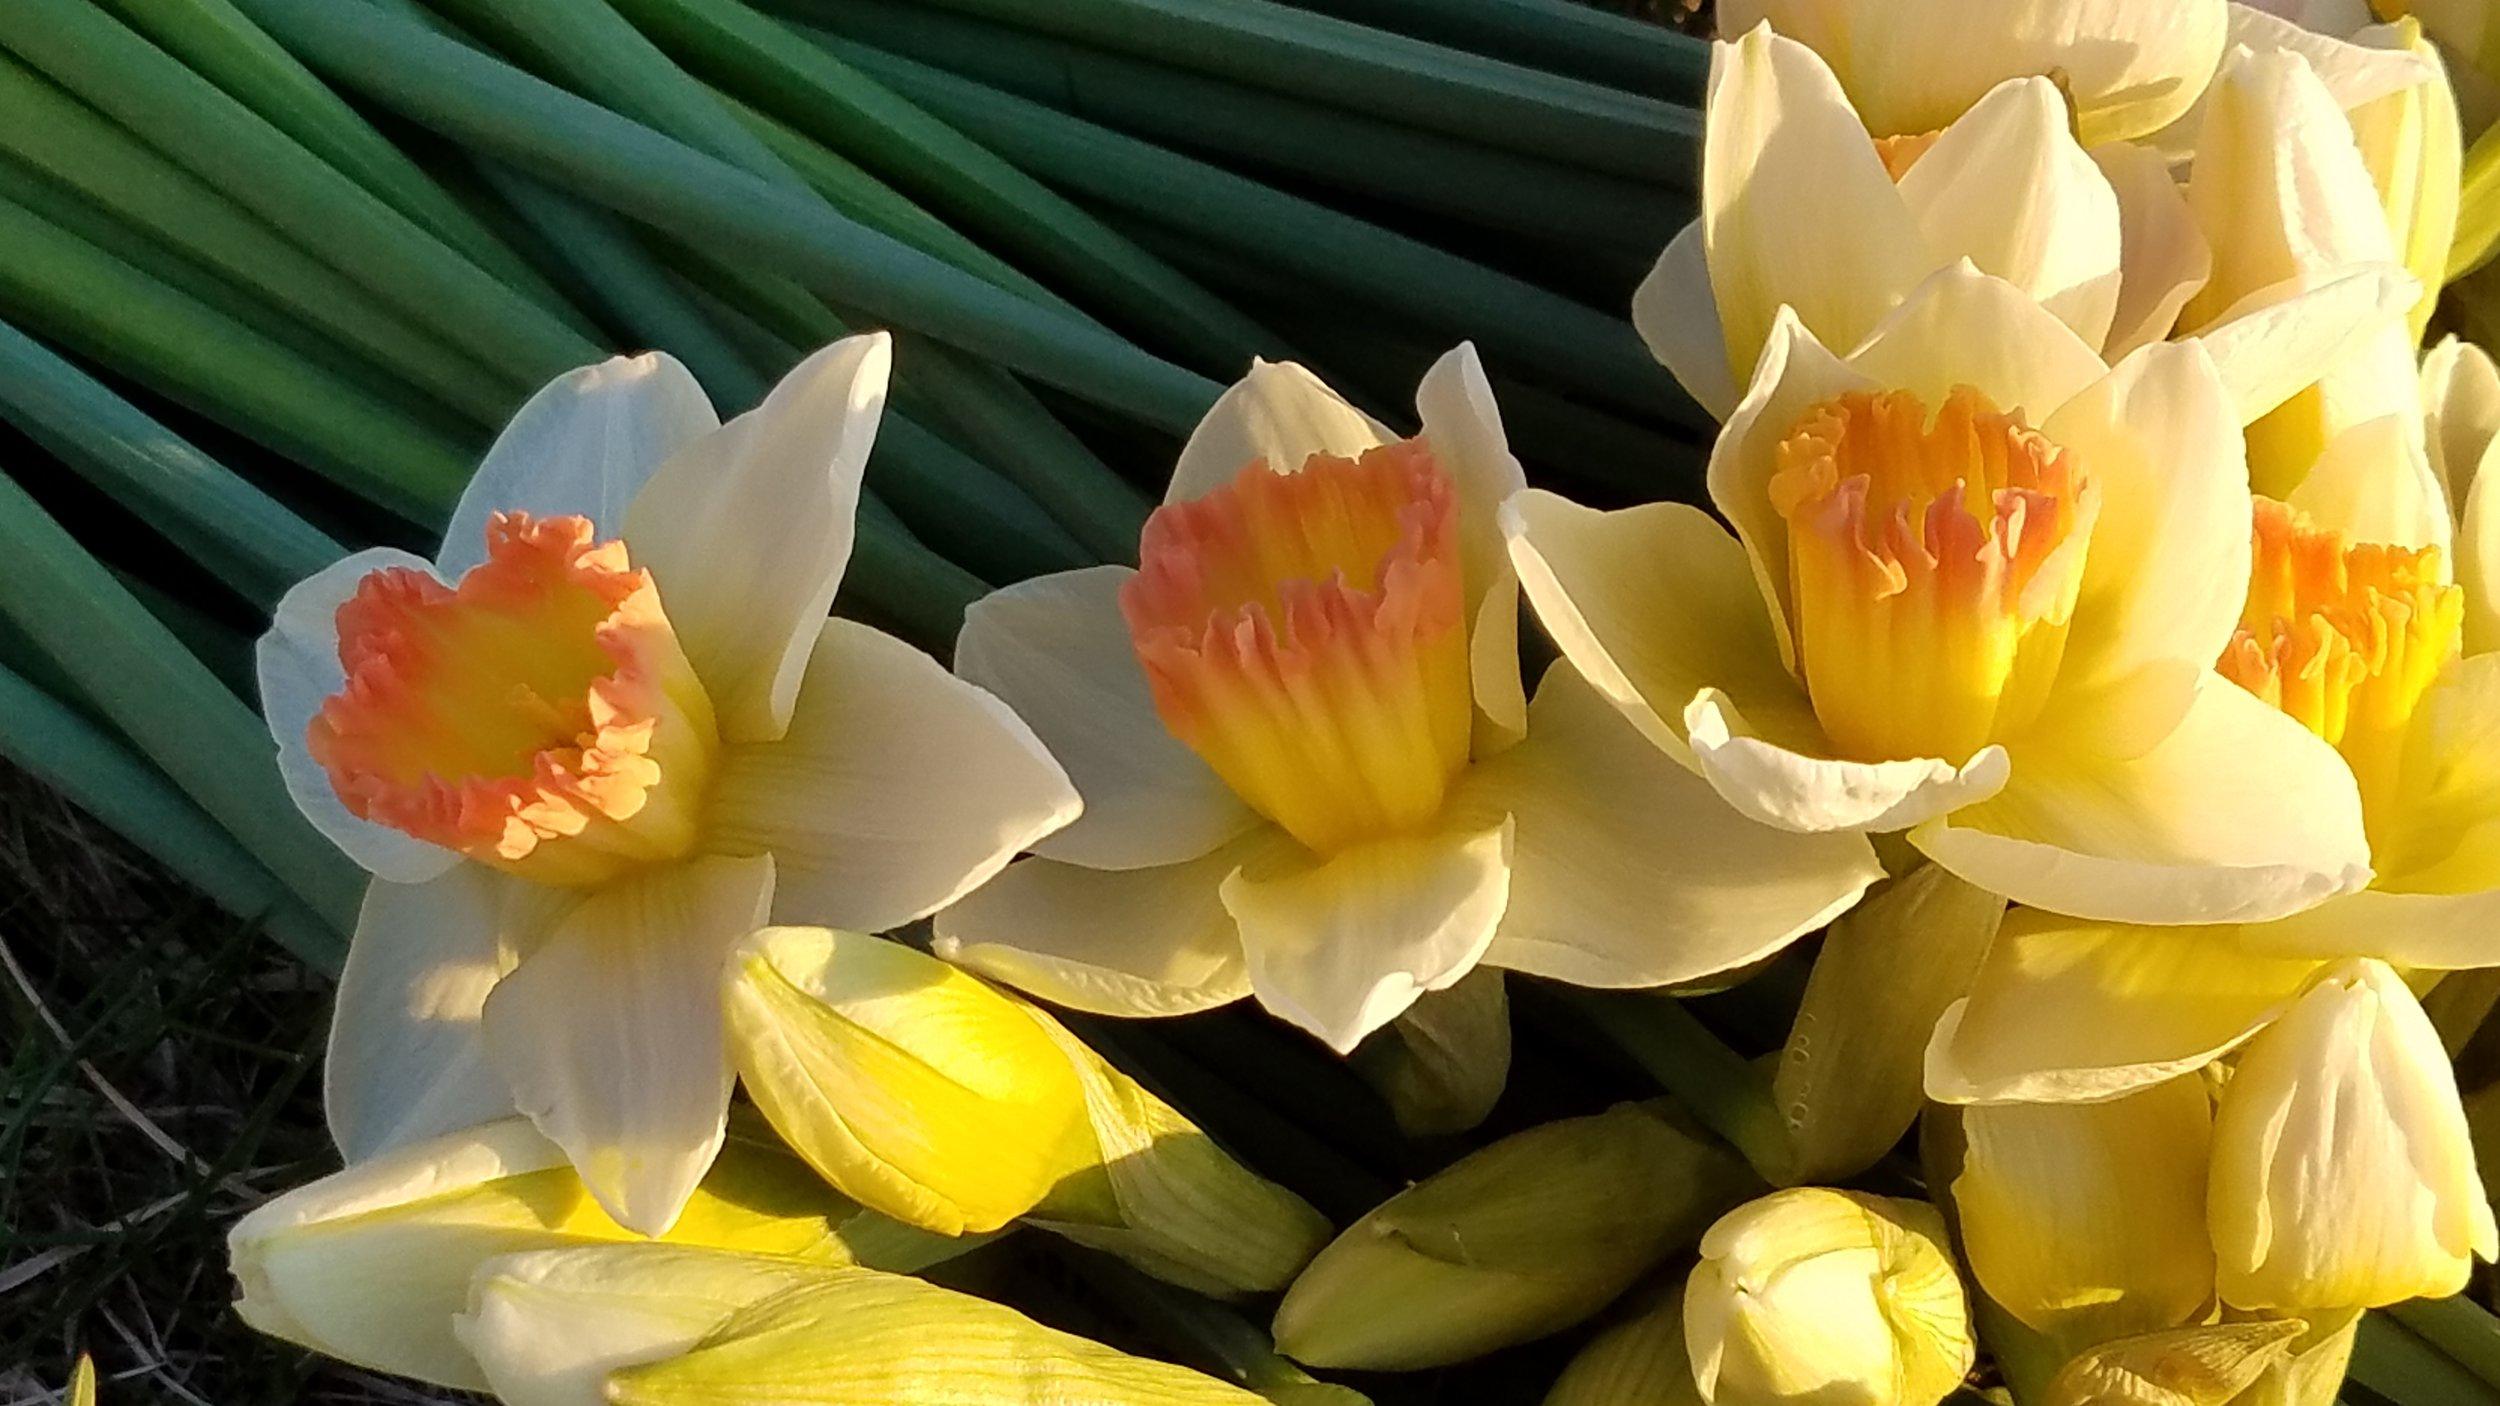 Our Farm Leelanau Specialty Cut Flowers